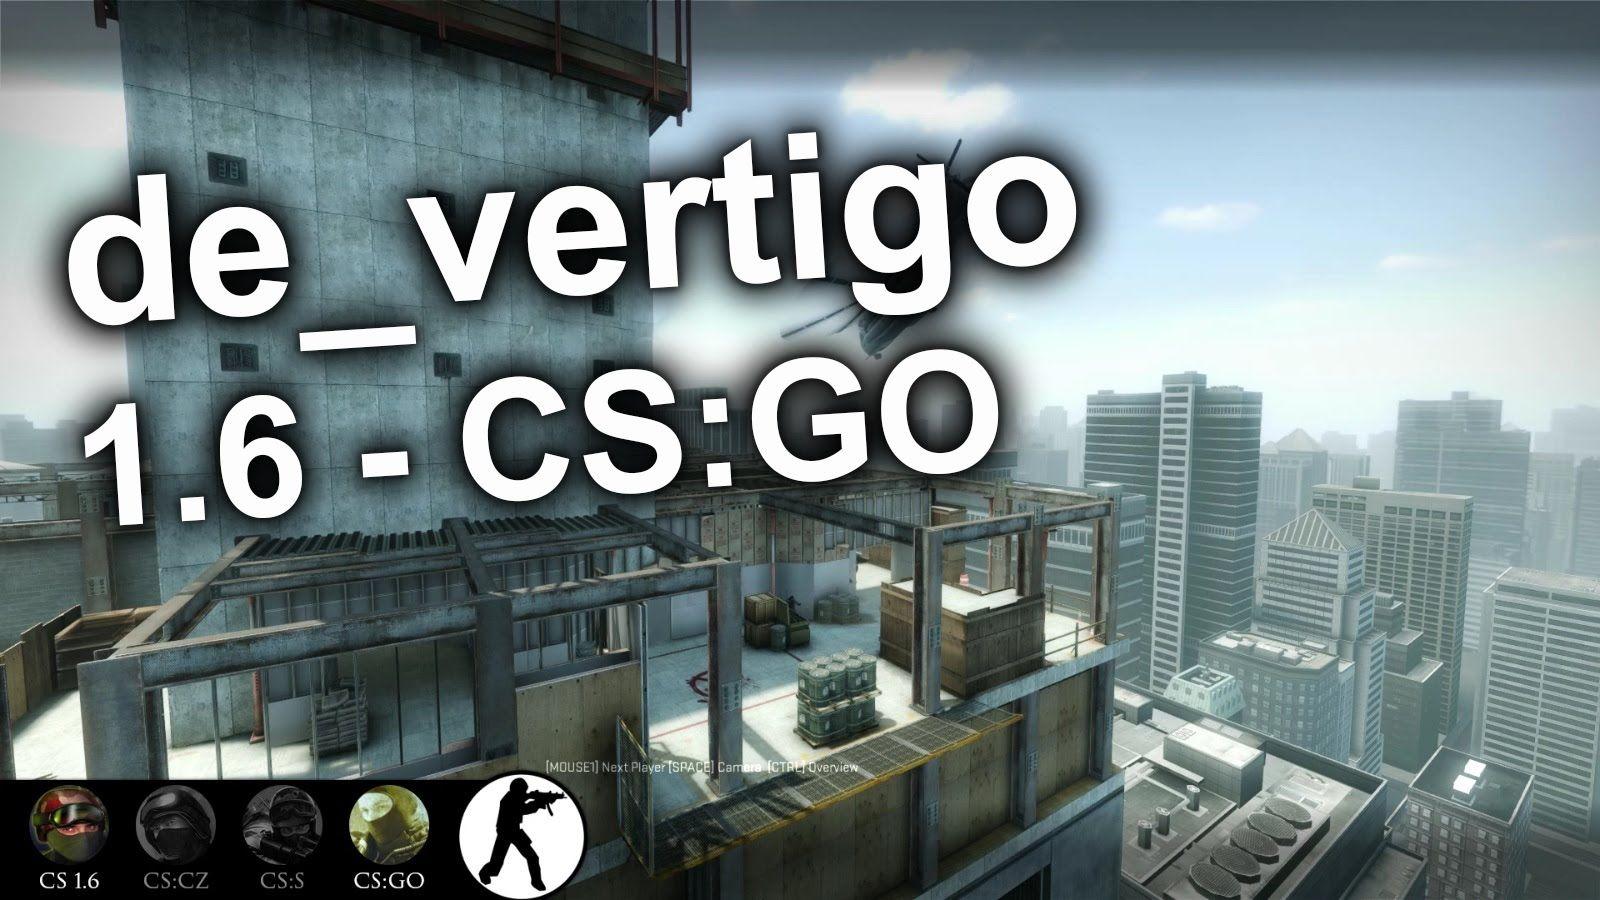 de_vertigo - 1.6 VS CS:GO remake #games #globaloffensive #CSGO #counterstrike #hltv #CS #steam #Valve #djswat #CS16